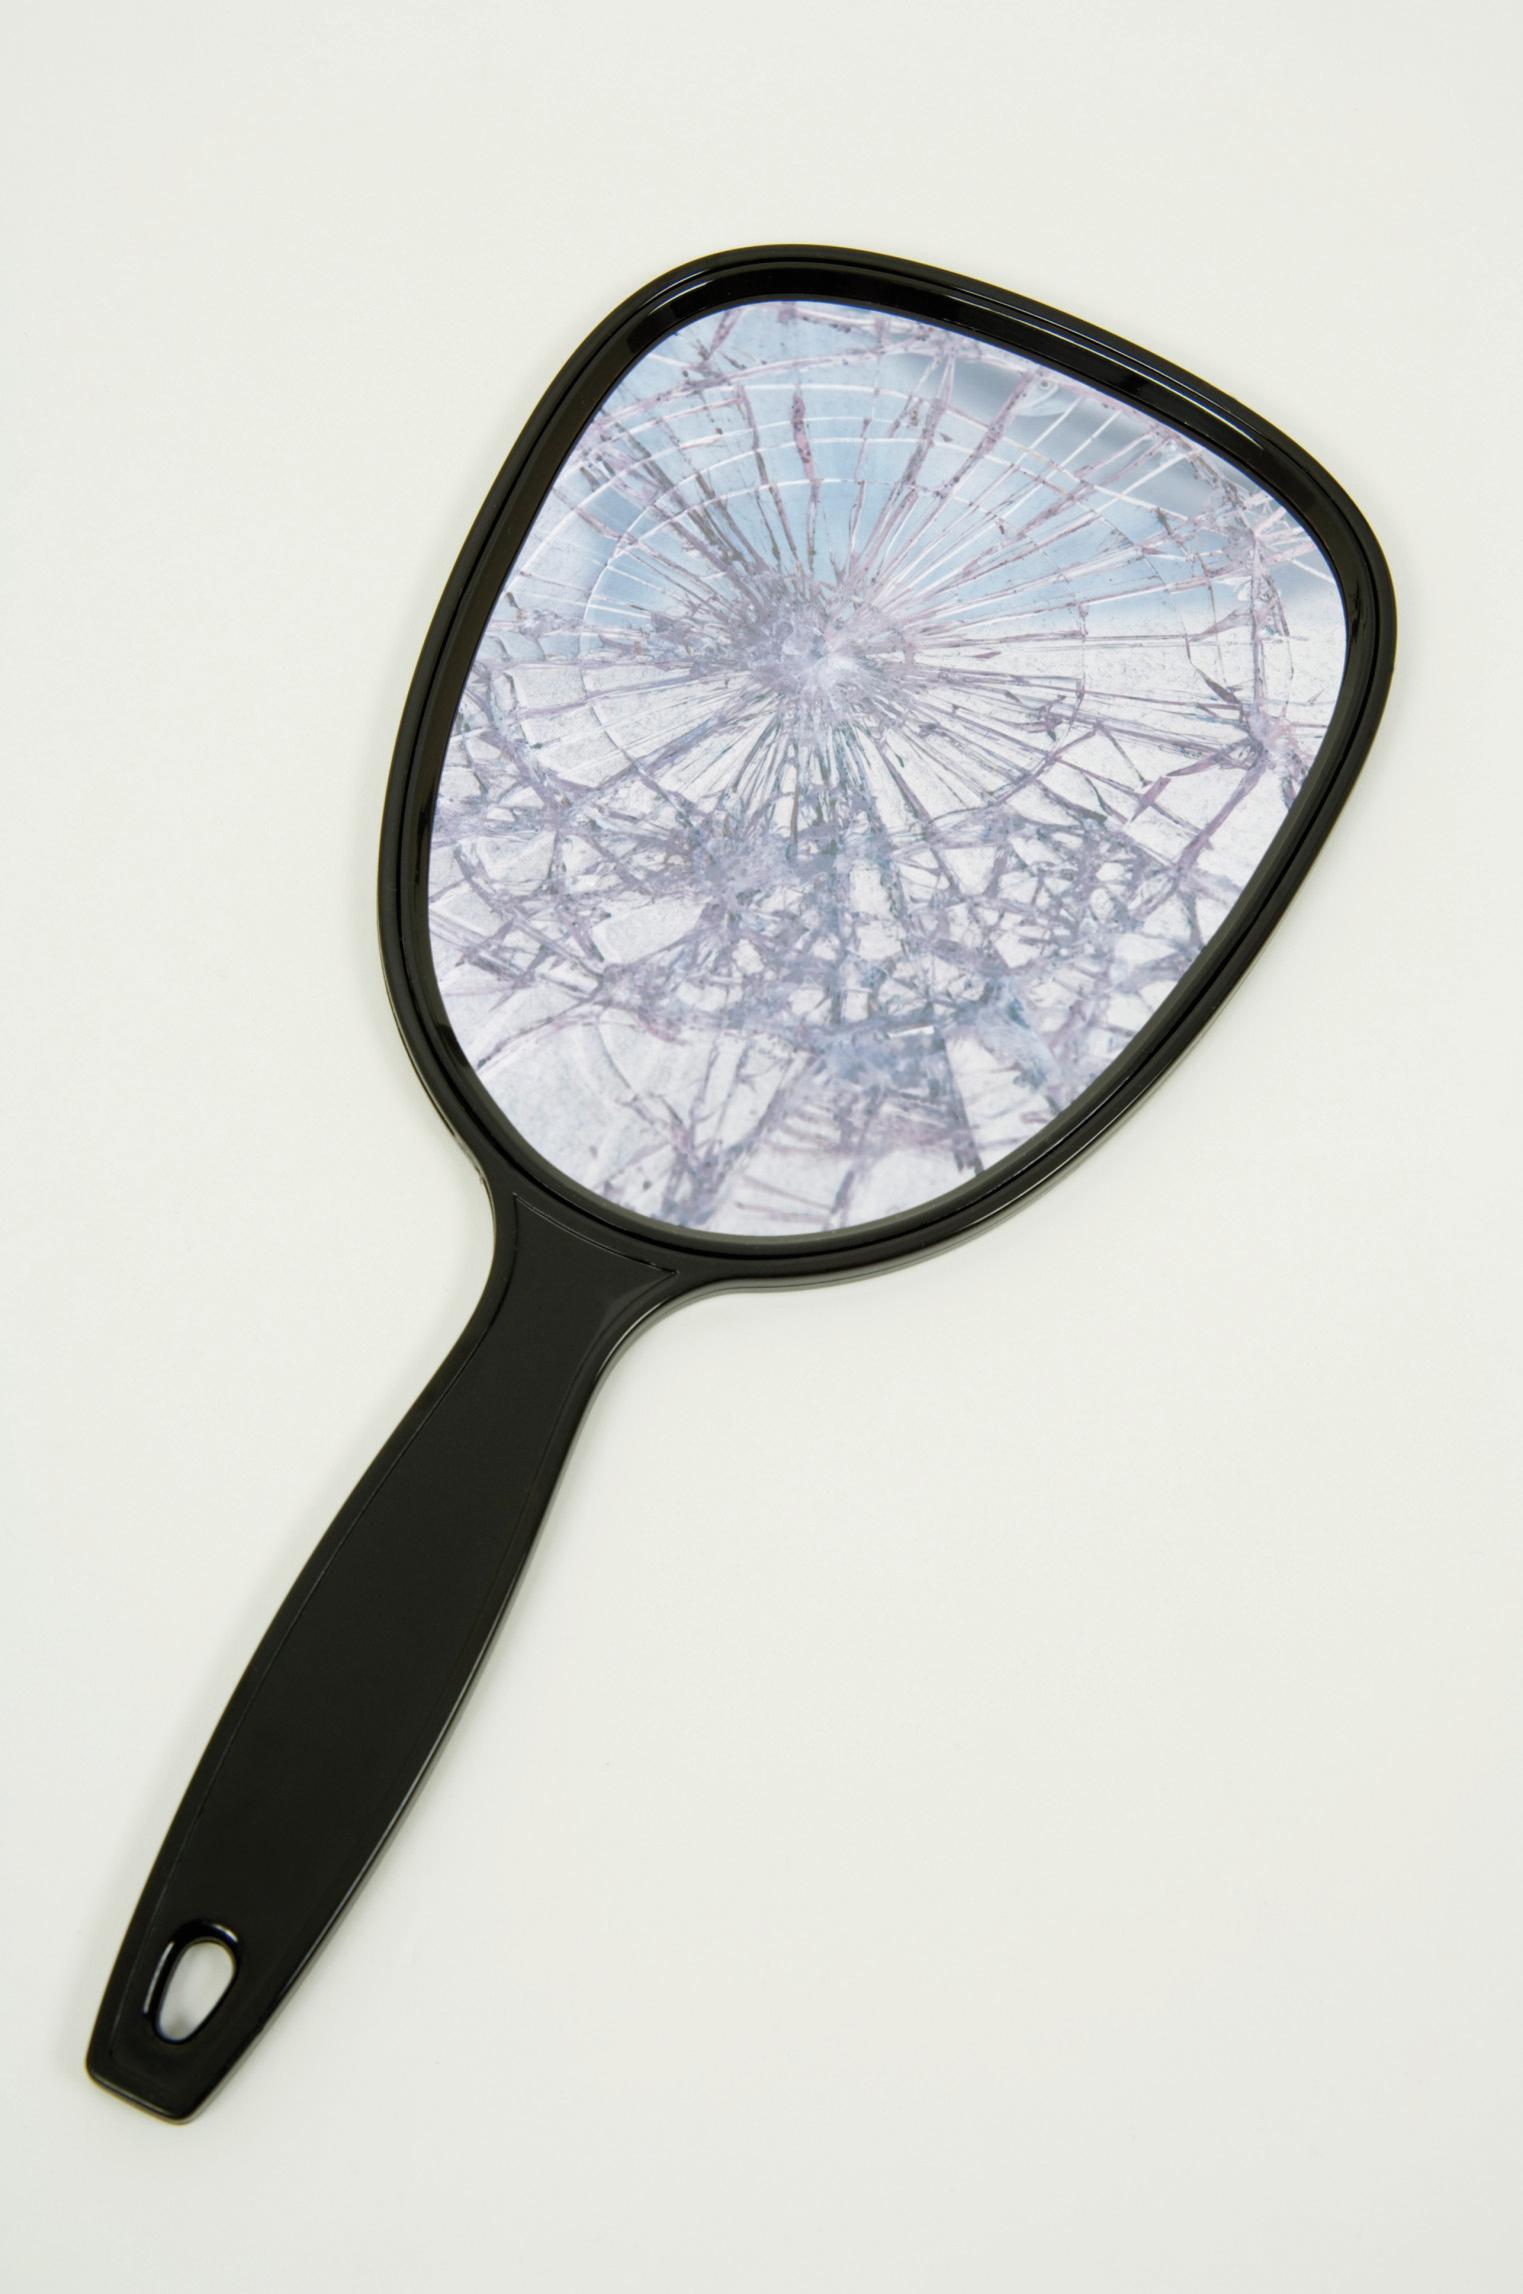 Broken Hand Mirror Clipart Images